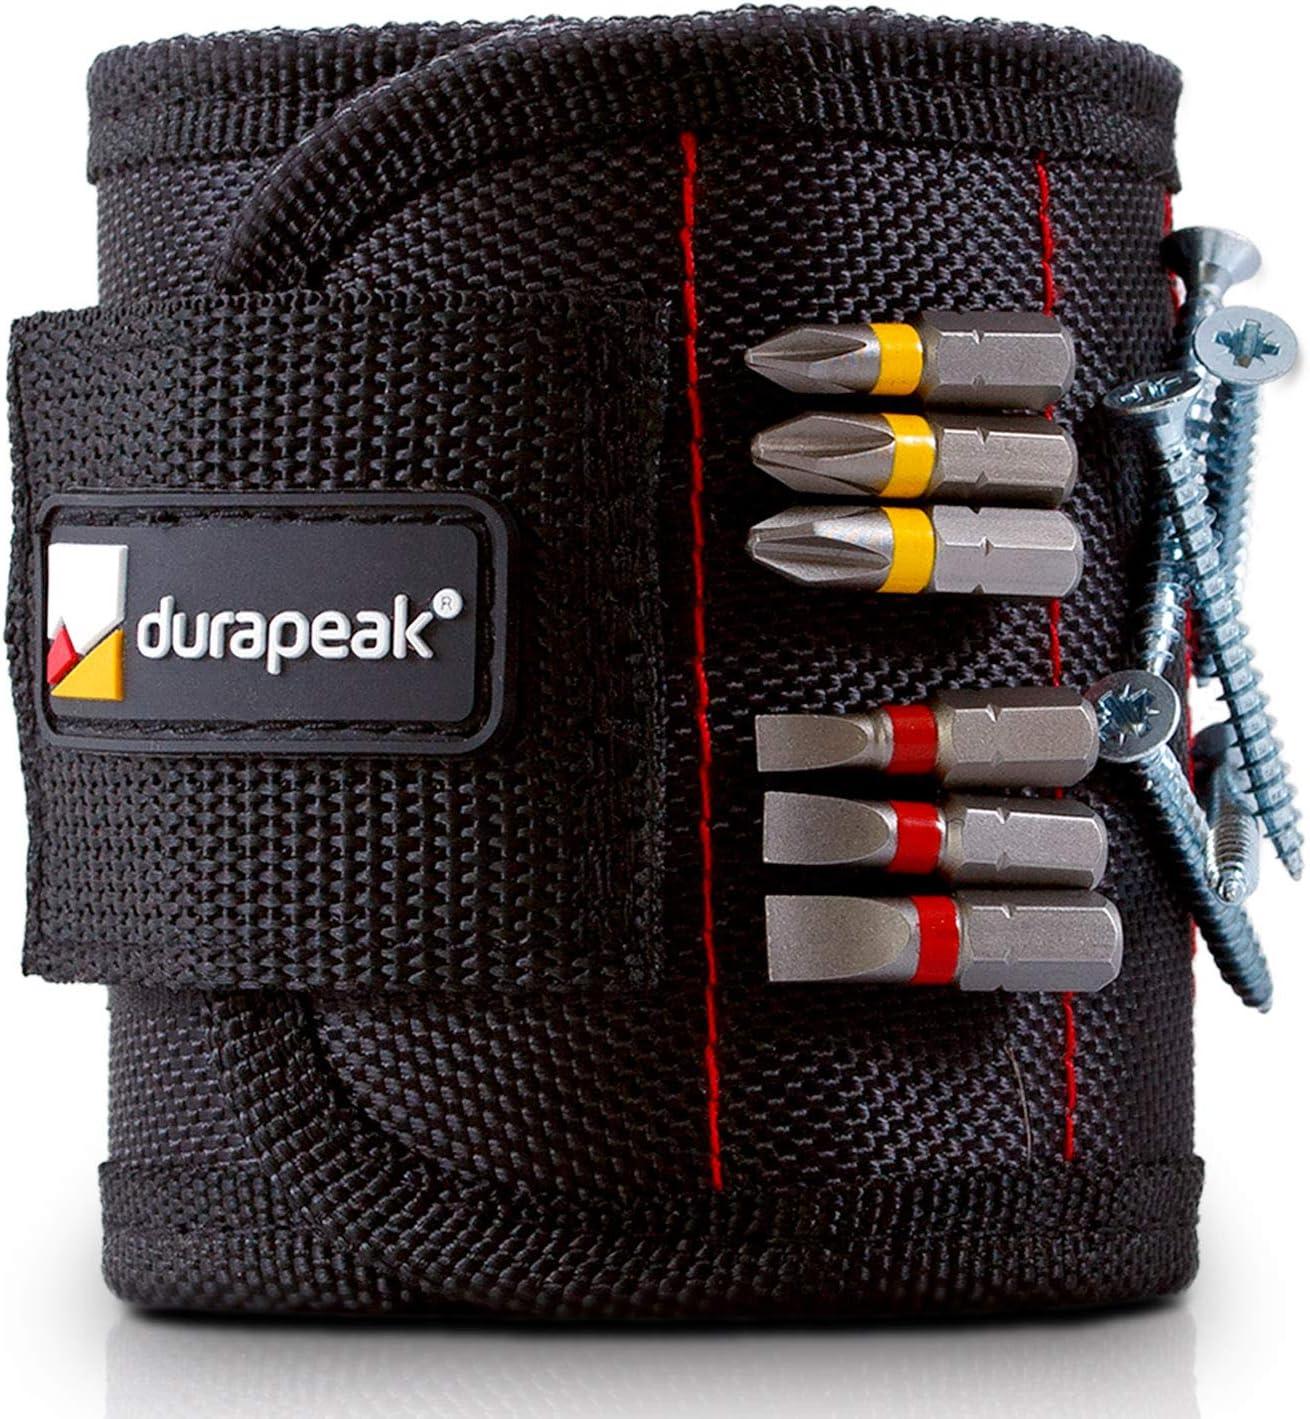 /Haga Su trabajo eficiente y r/ápido/ /Ideal para tornillos y herramientas Negro durapeak profesional pulsera magn/ética para herramientas/